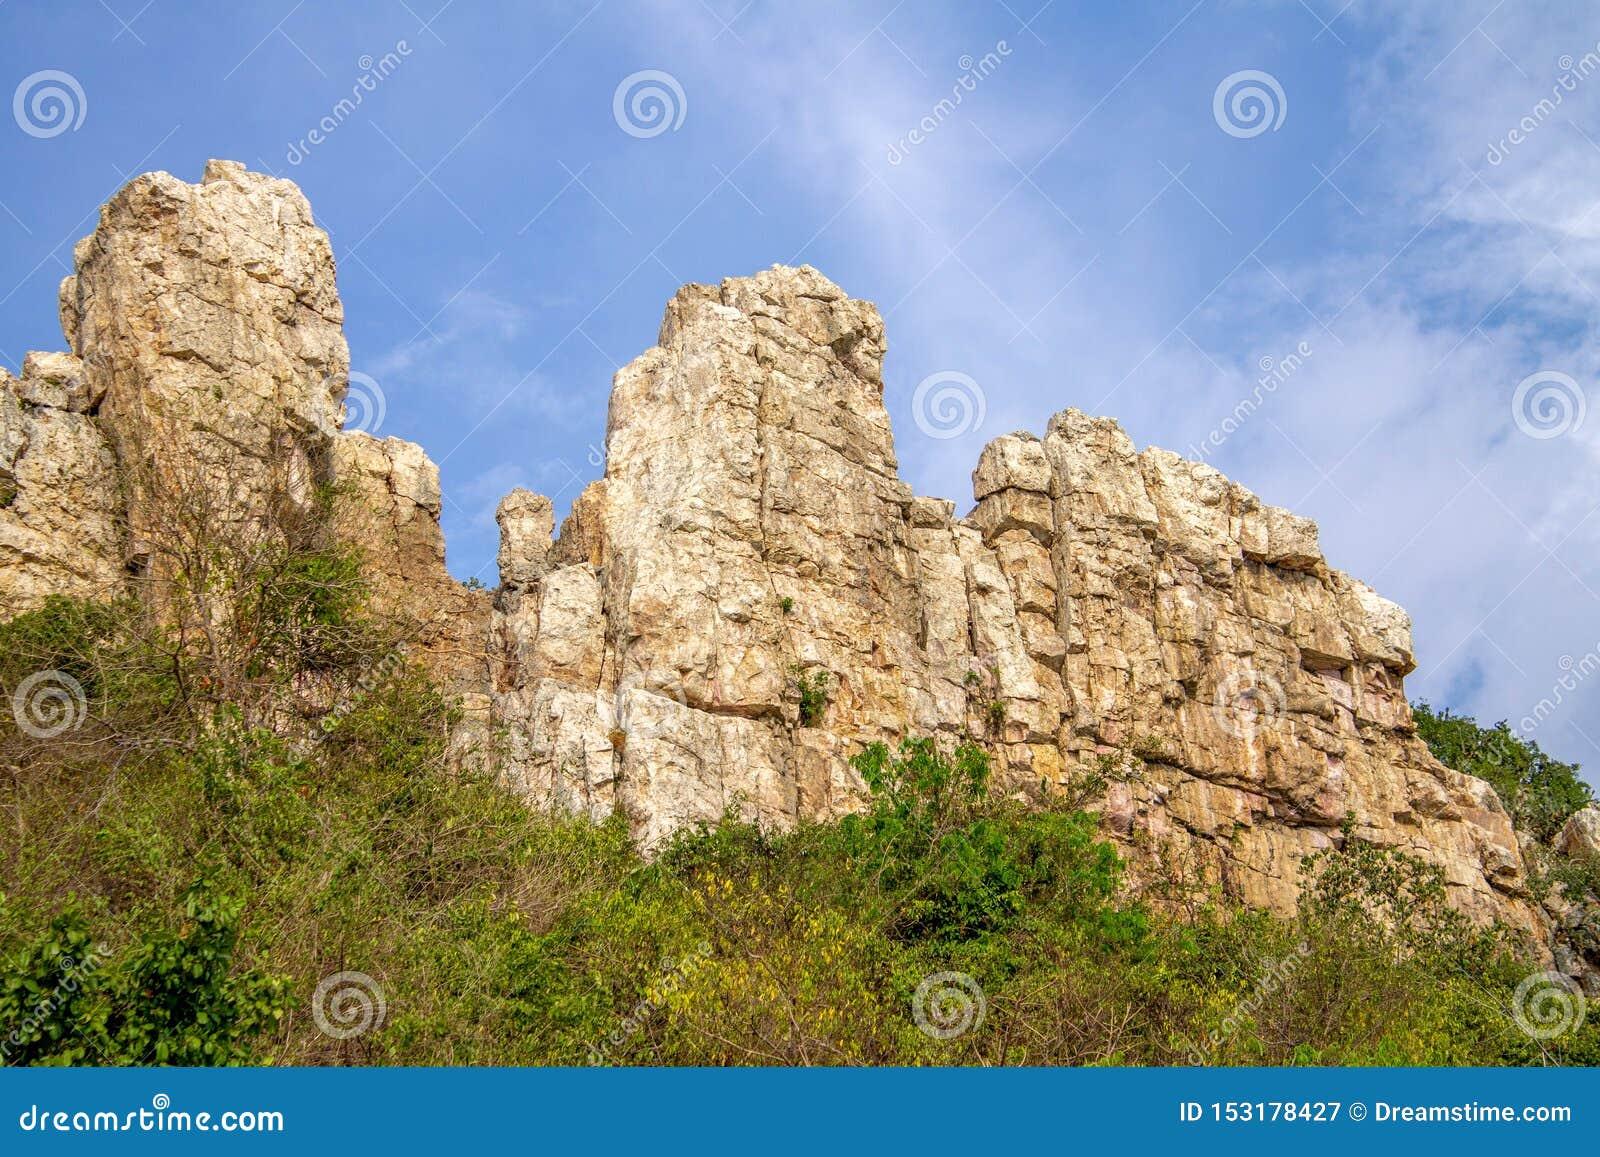 Οι απότομοι βράχοι στο μεγάλο δάσος